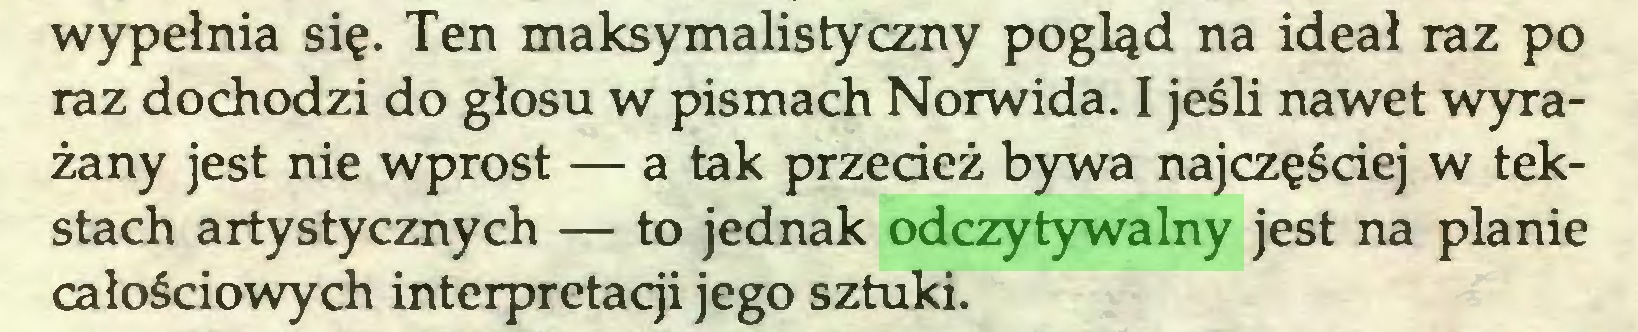 (...) wypełnia się. Ten maksymalistyczny pogląd na ideał raz po raz dochodzi do głosu w pismach Norwida. I jeśli nawet wyrażany jest nie wprost — a tak przecież bywa najczęściej w tekstach artystycznych — to jednak odczytywalny jest na planie całościowych interpretacji jego sztuki...